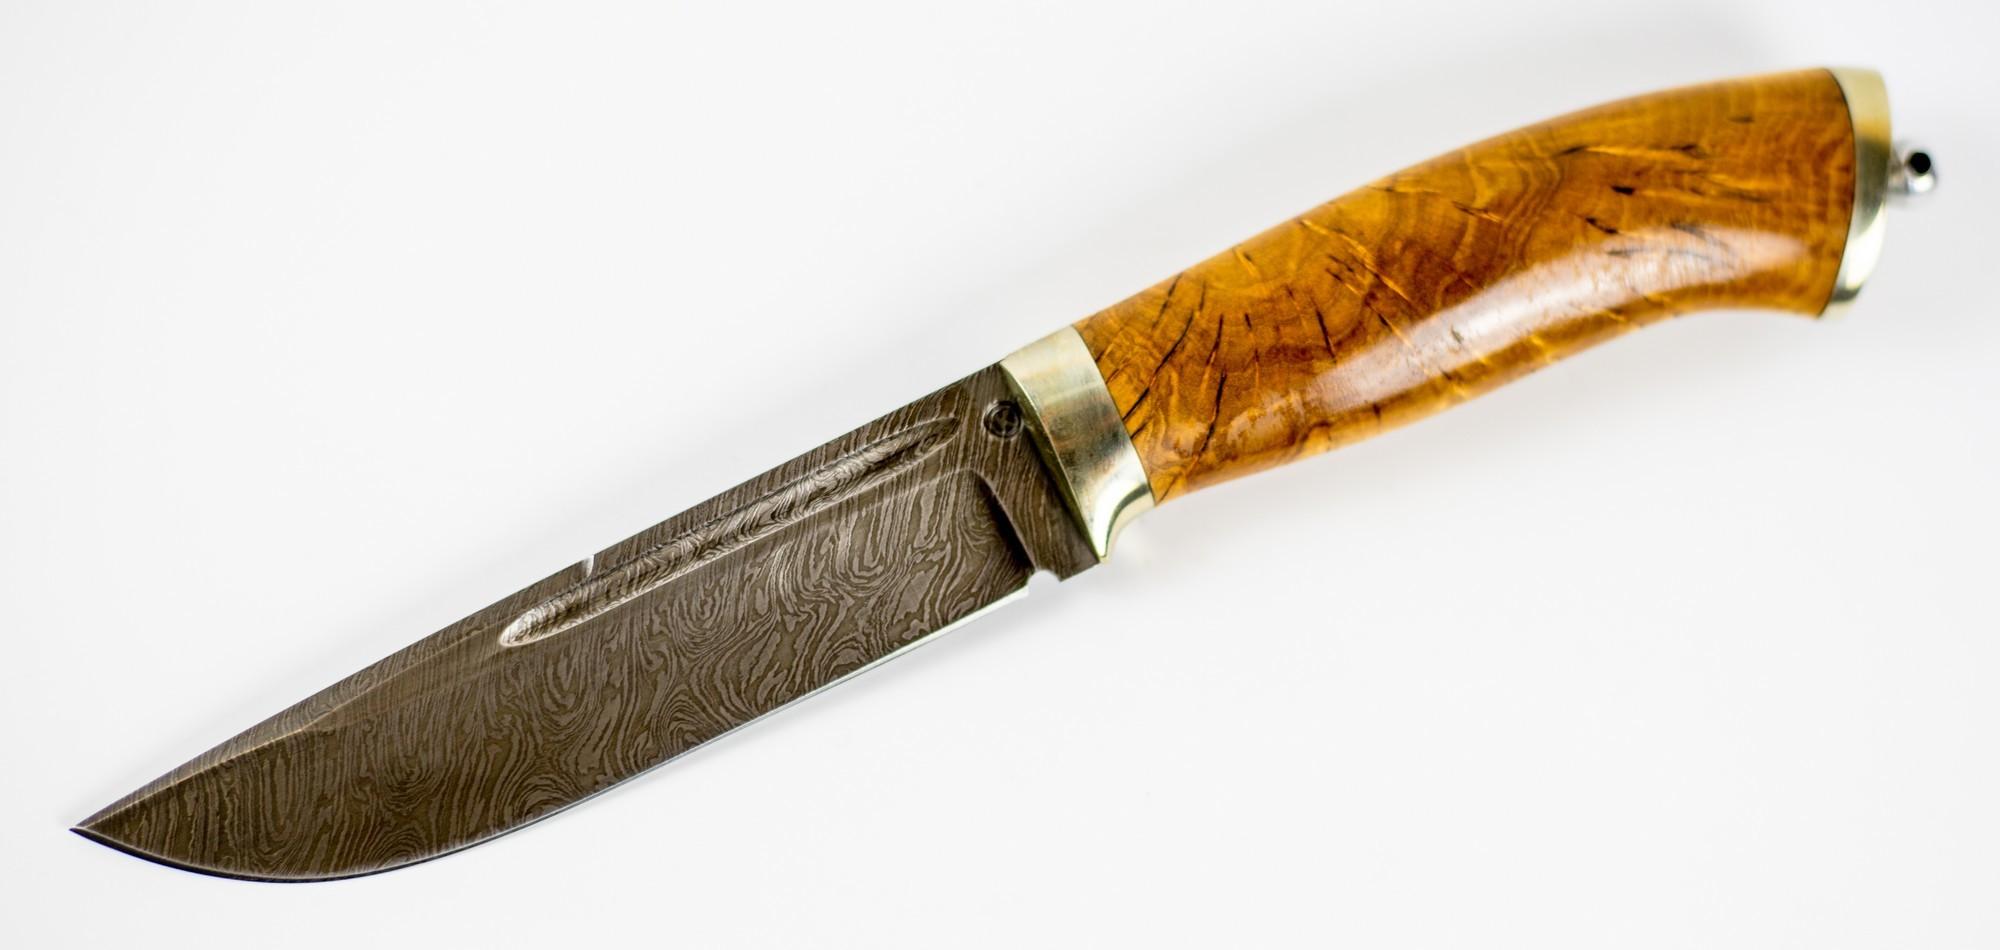 Нож Бекас,  дамасская стальРыбацкие ножи<br>Нож Бекас, дамасская сталь<br>